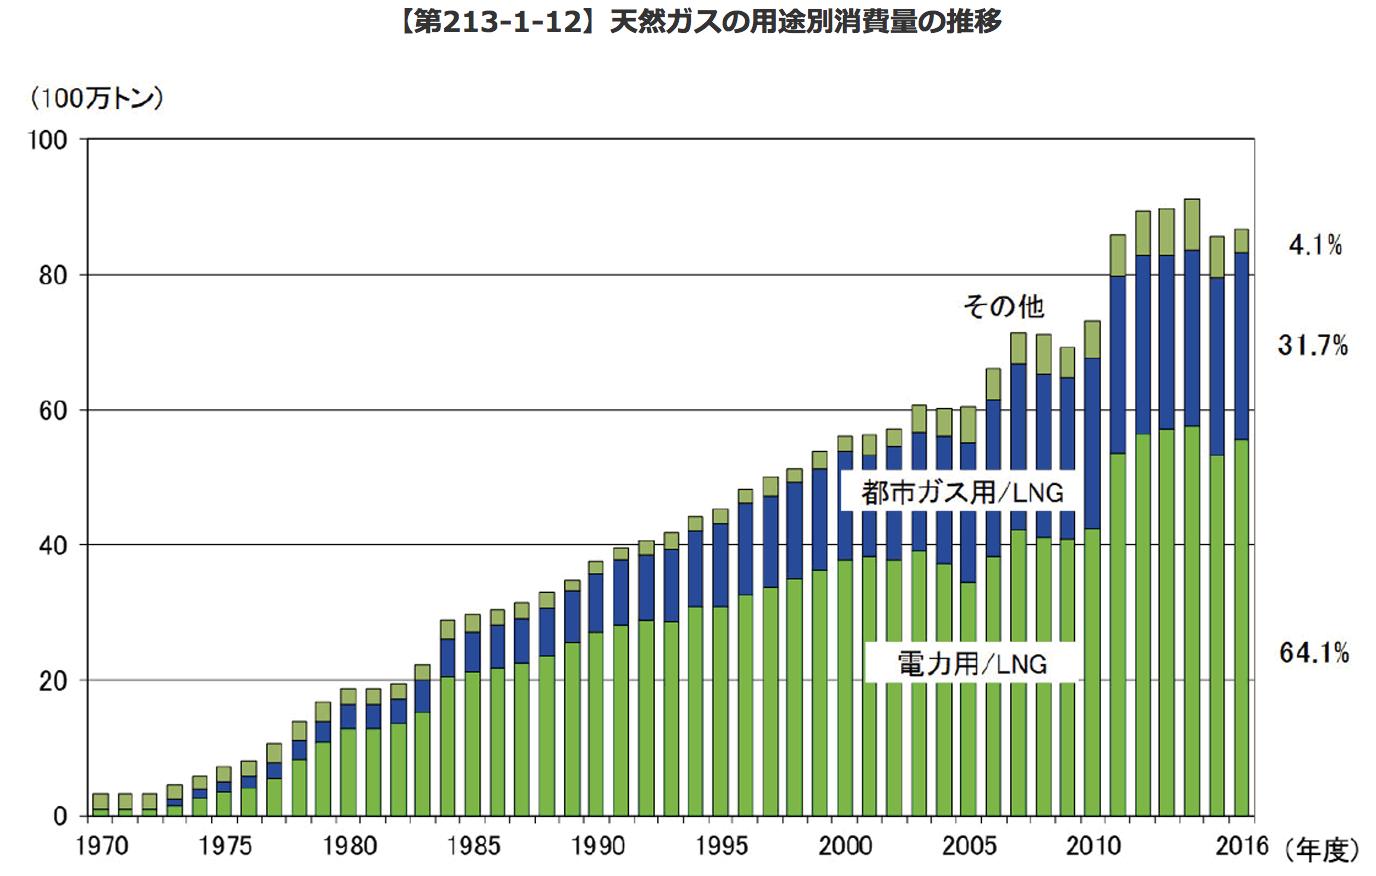 【エネルギー】日本の発電力の供給量割合[2018年版](火力・水力・原子力・風力・地熱・太陽光等) 2